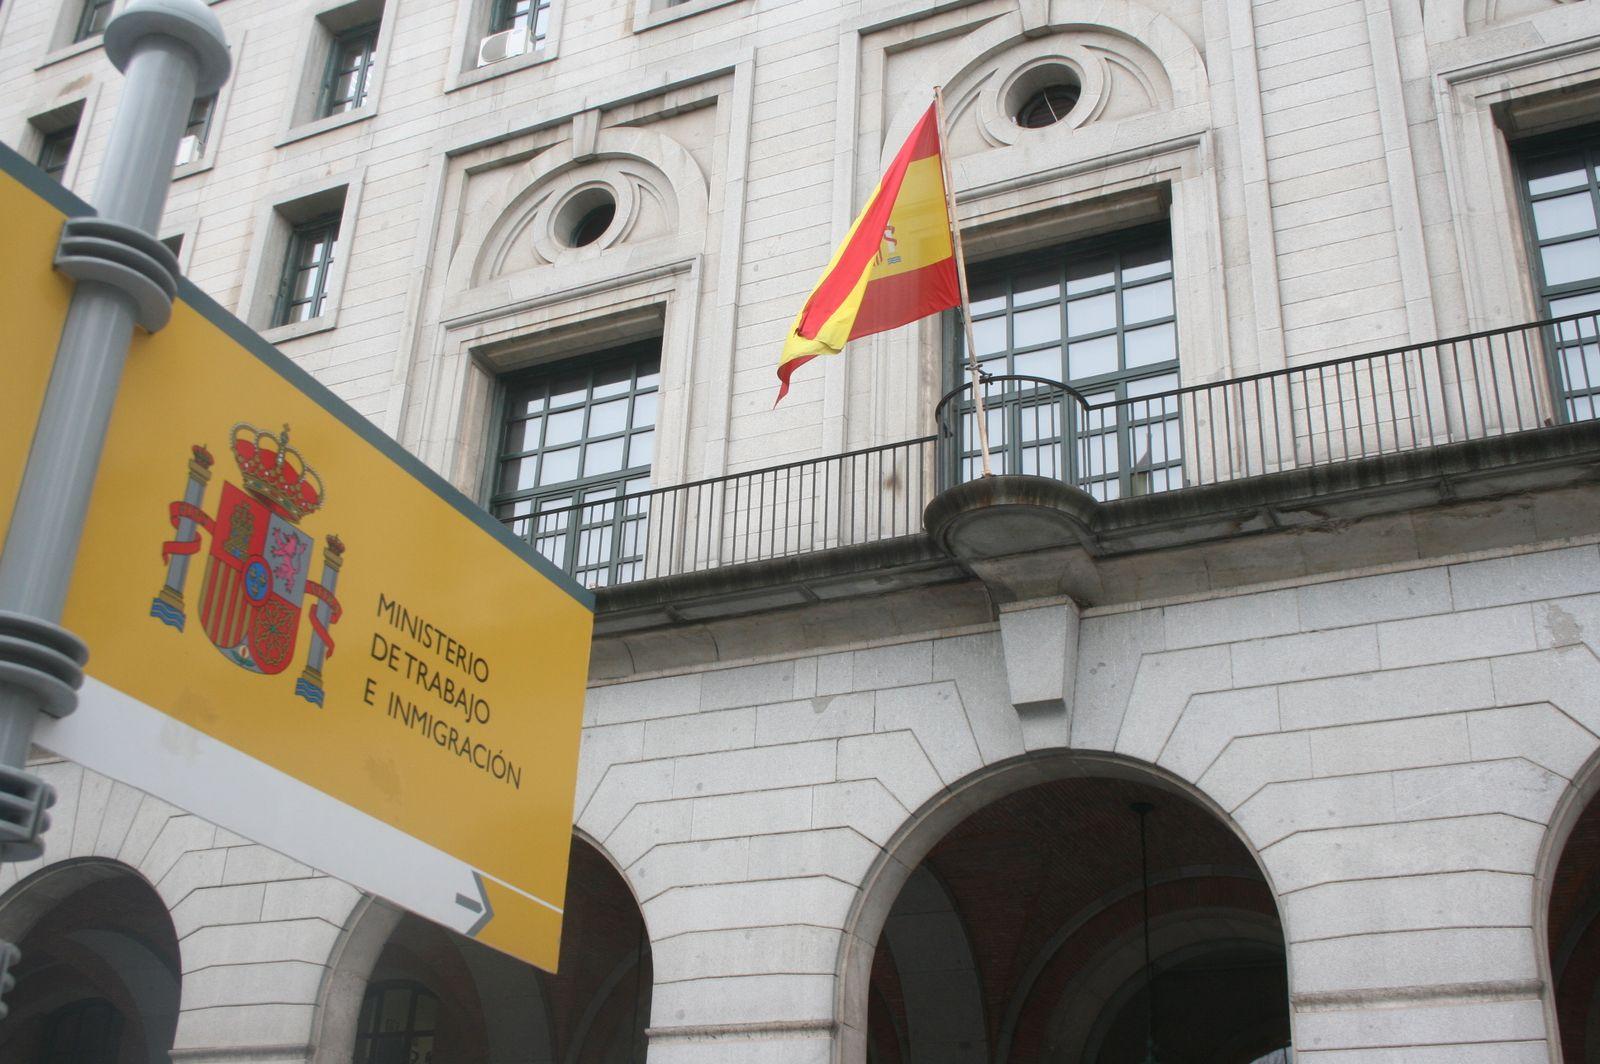 Spanien / Jugendarbeitslosigkeit